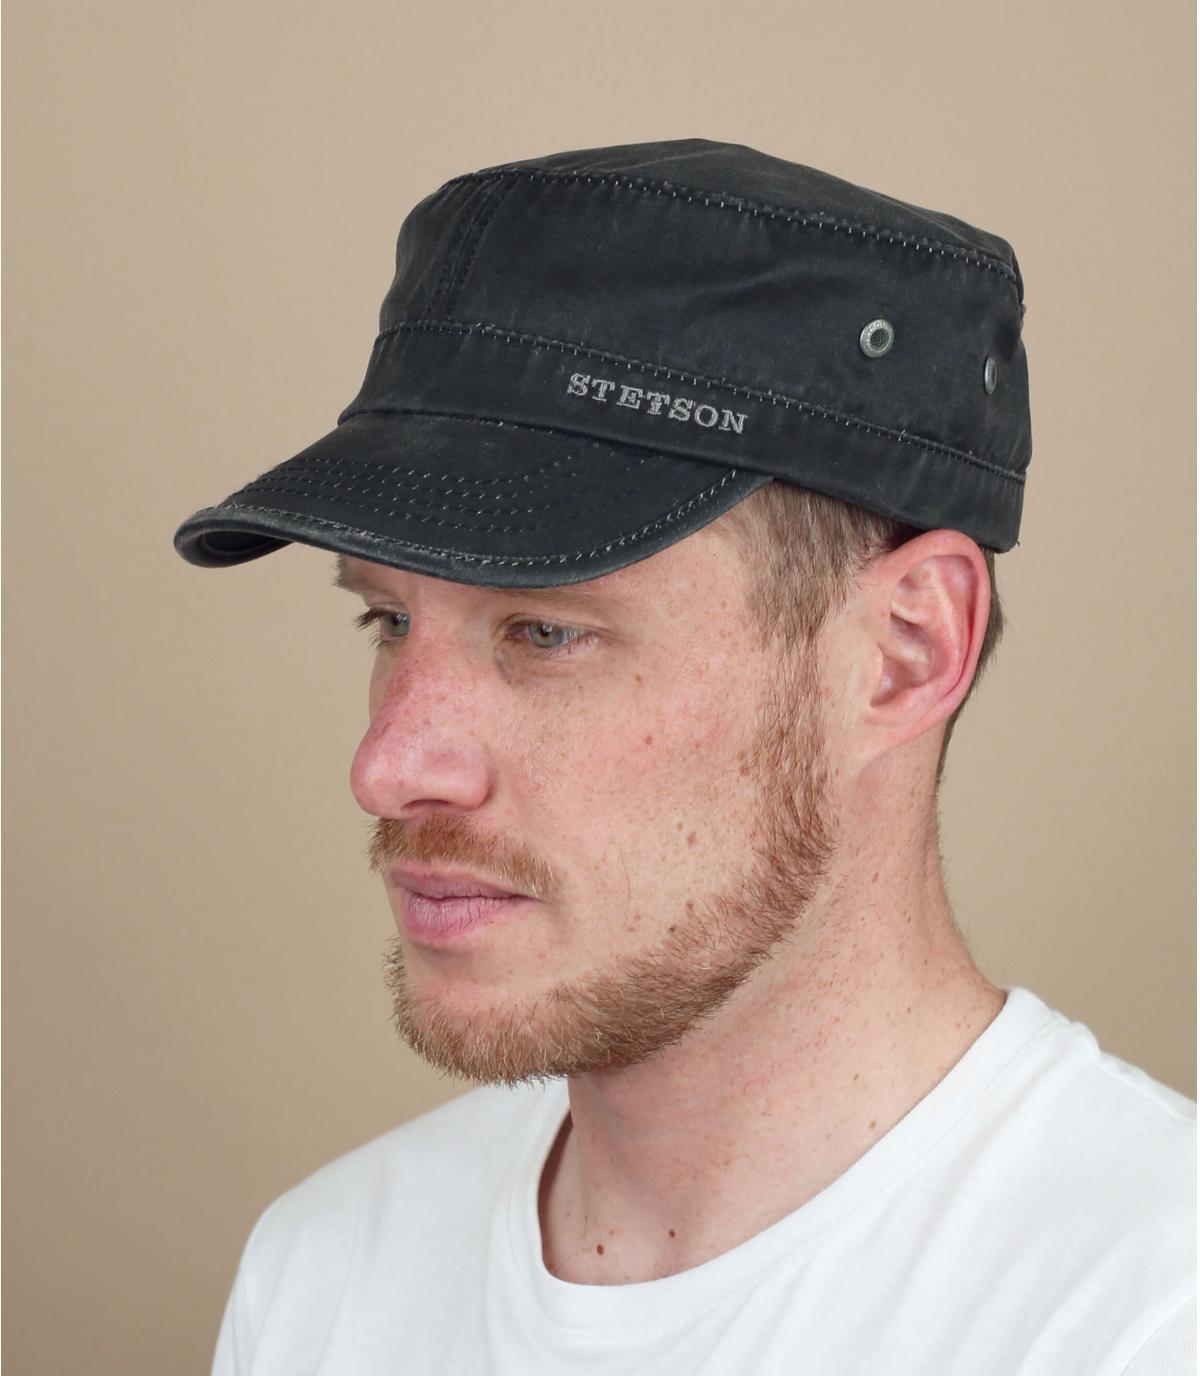 Cappellino Stetson nero